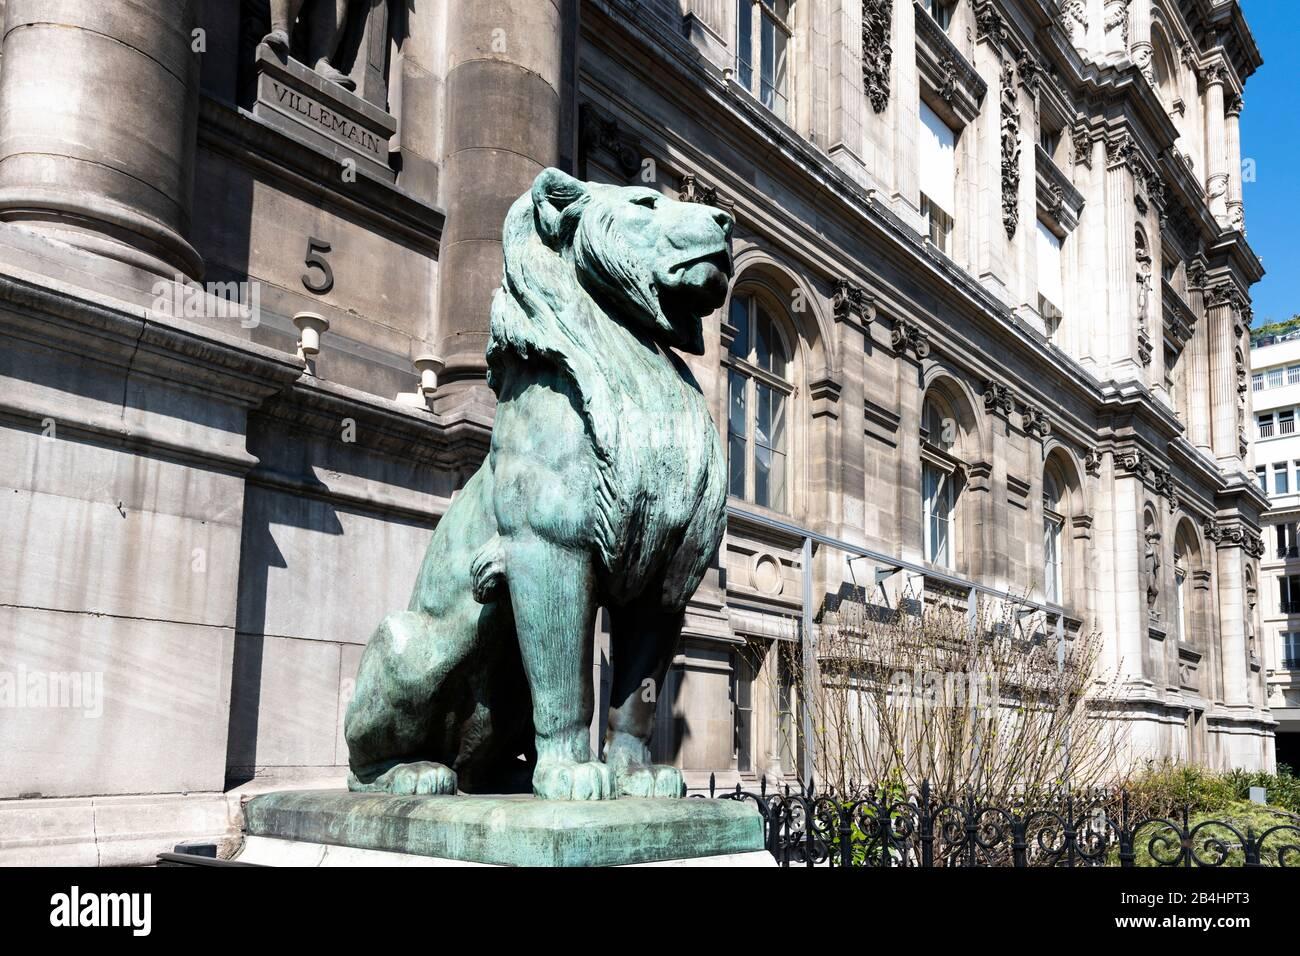 ein sitzender Löwe vor dem berühmten Hotel de Ville, Paris, Frankreich, Europa Stock Photo